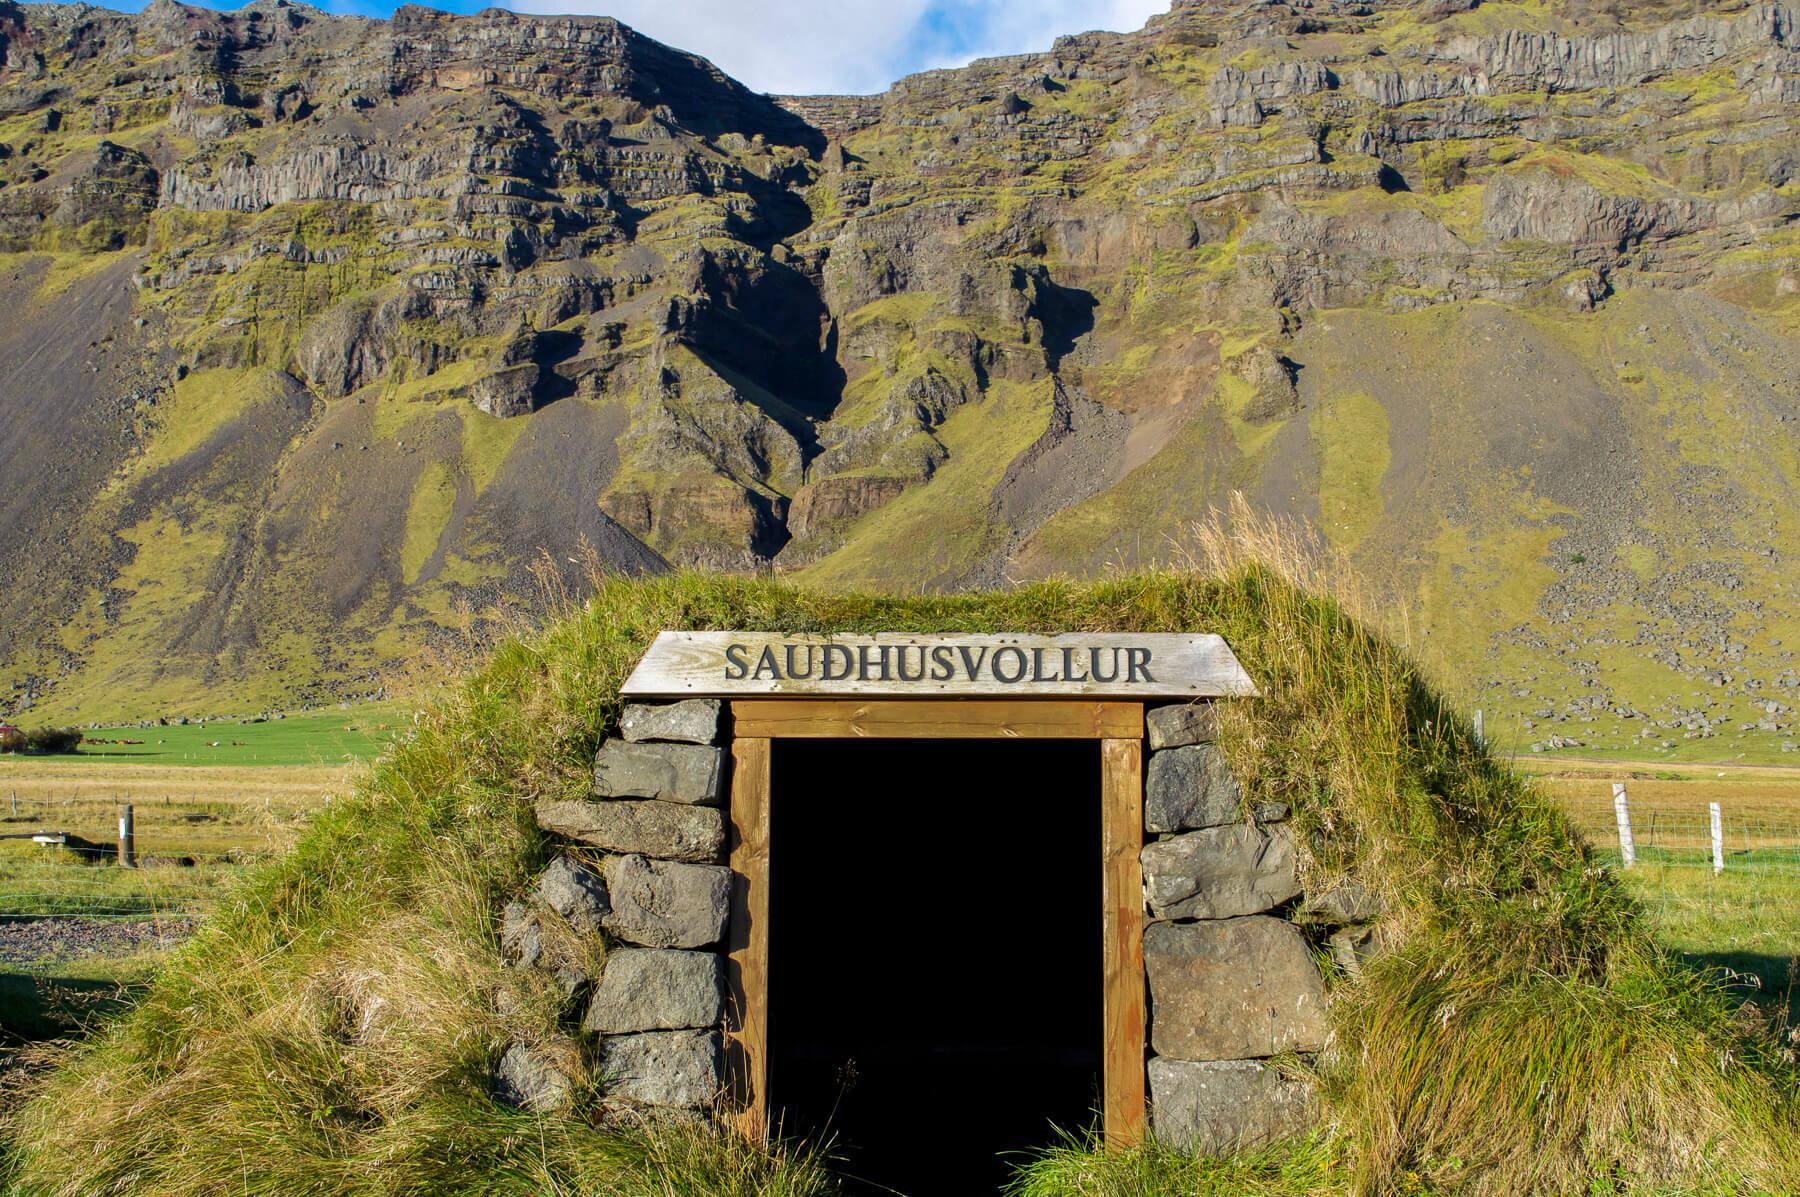 """""""Saudhusvöllur """"- Grass hut in Iceland"""